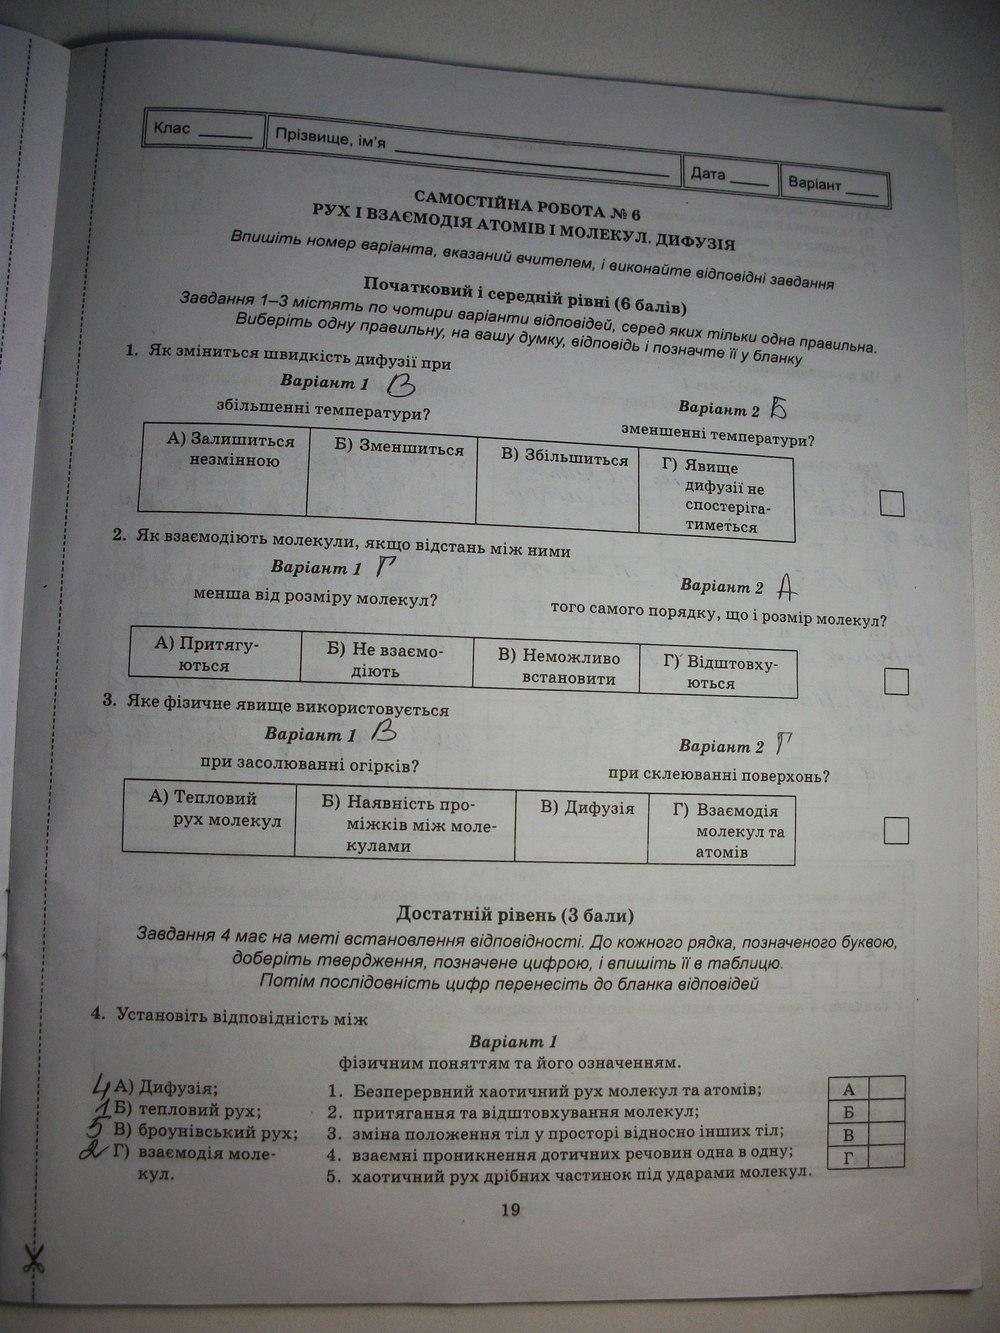 ГДЗ по физике 7 класс Чертіщева М. О.. Задание: стр. 19